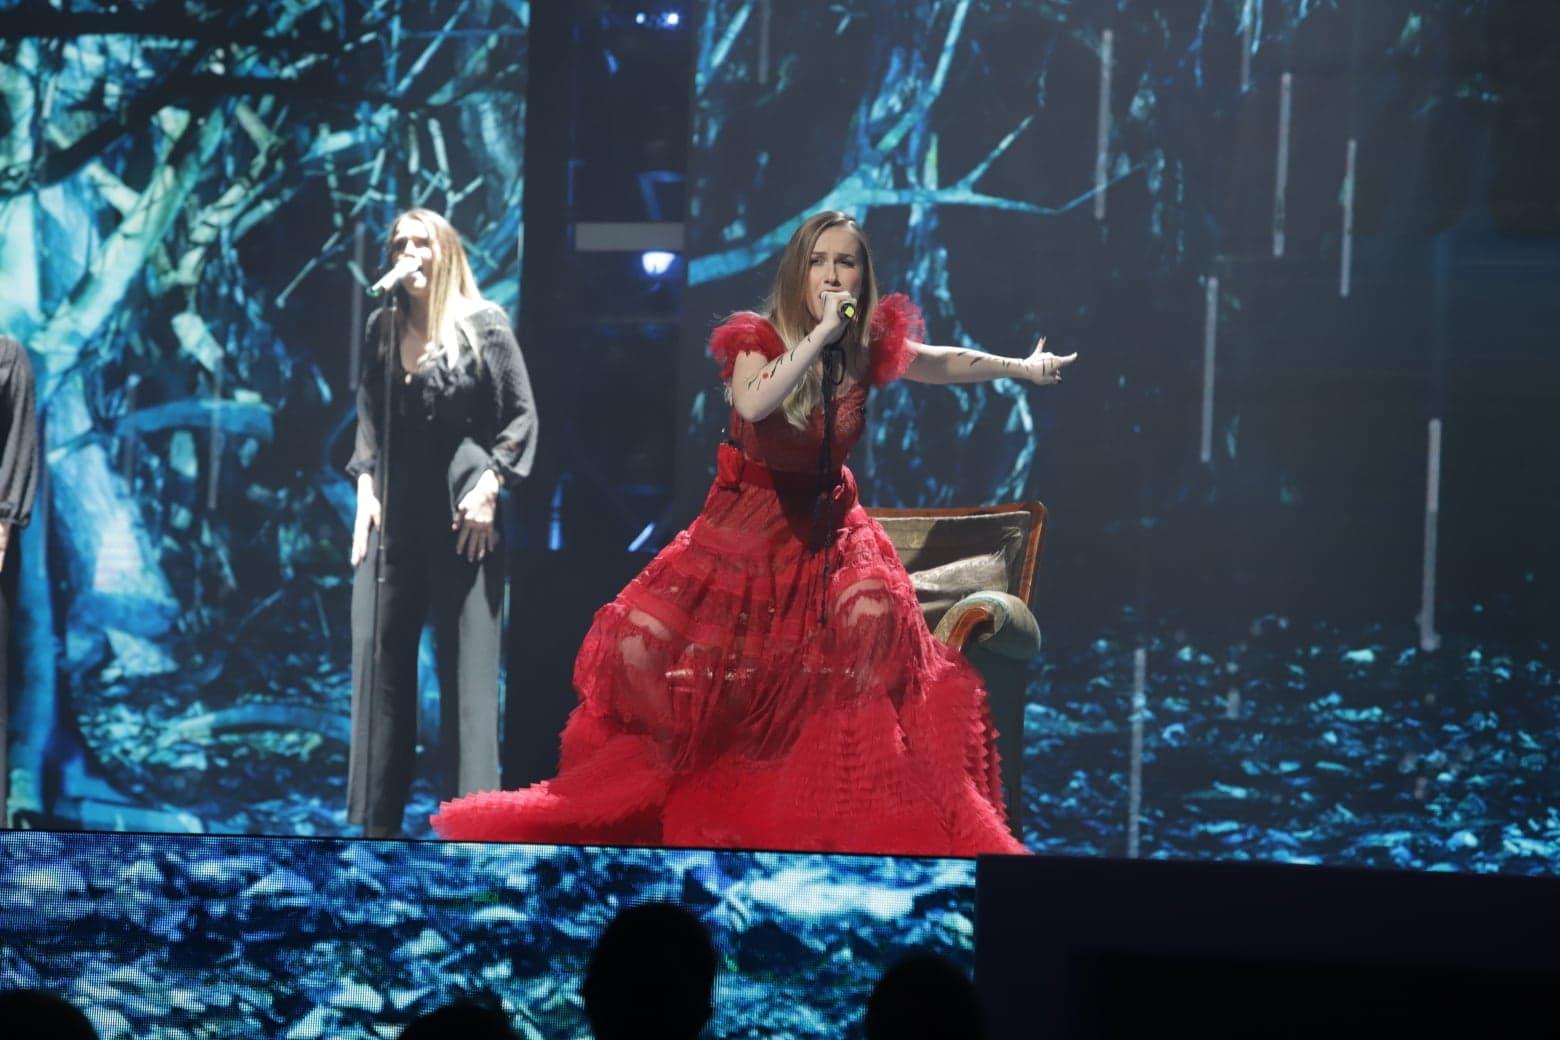 Mihai Trăistariu, reacție după ce Ester Peony a câștigat finala Eurovision